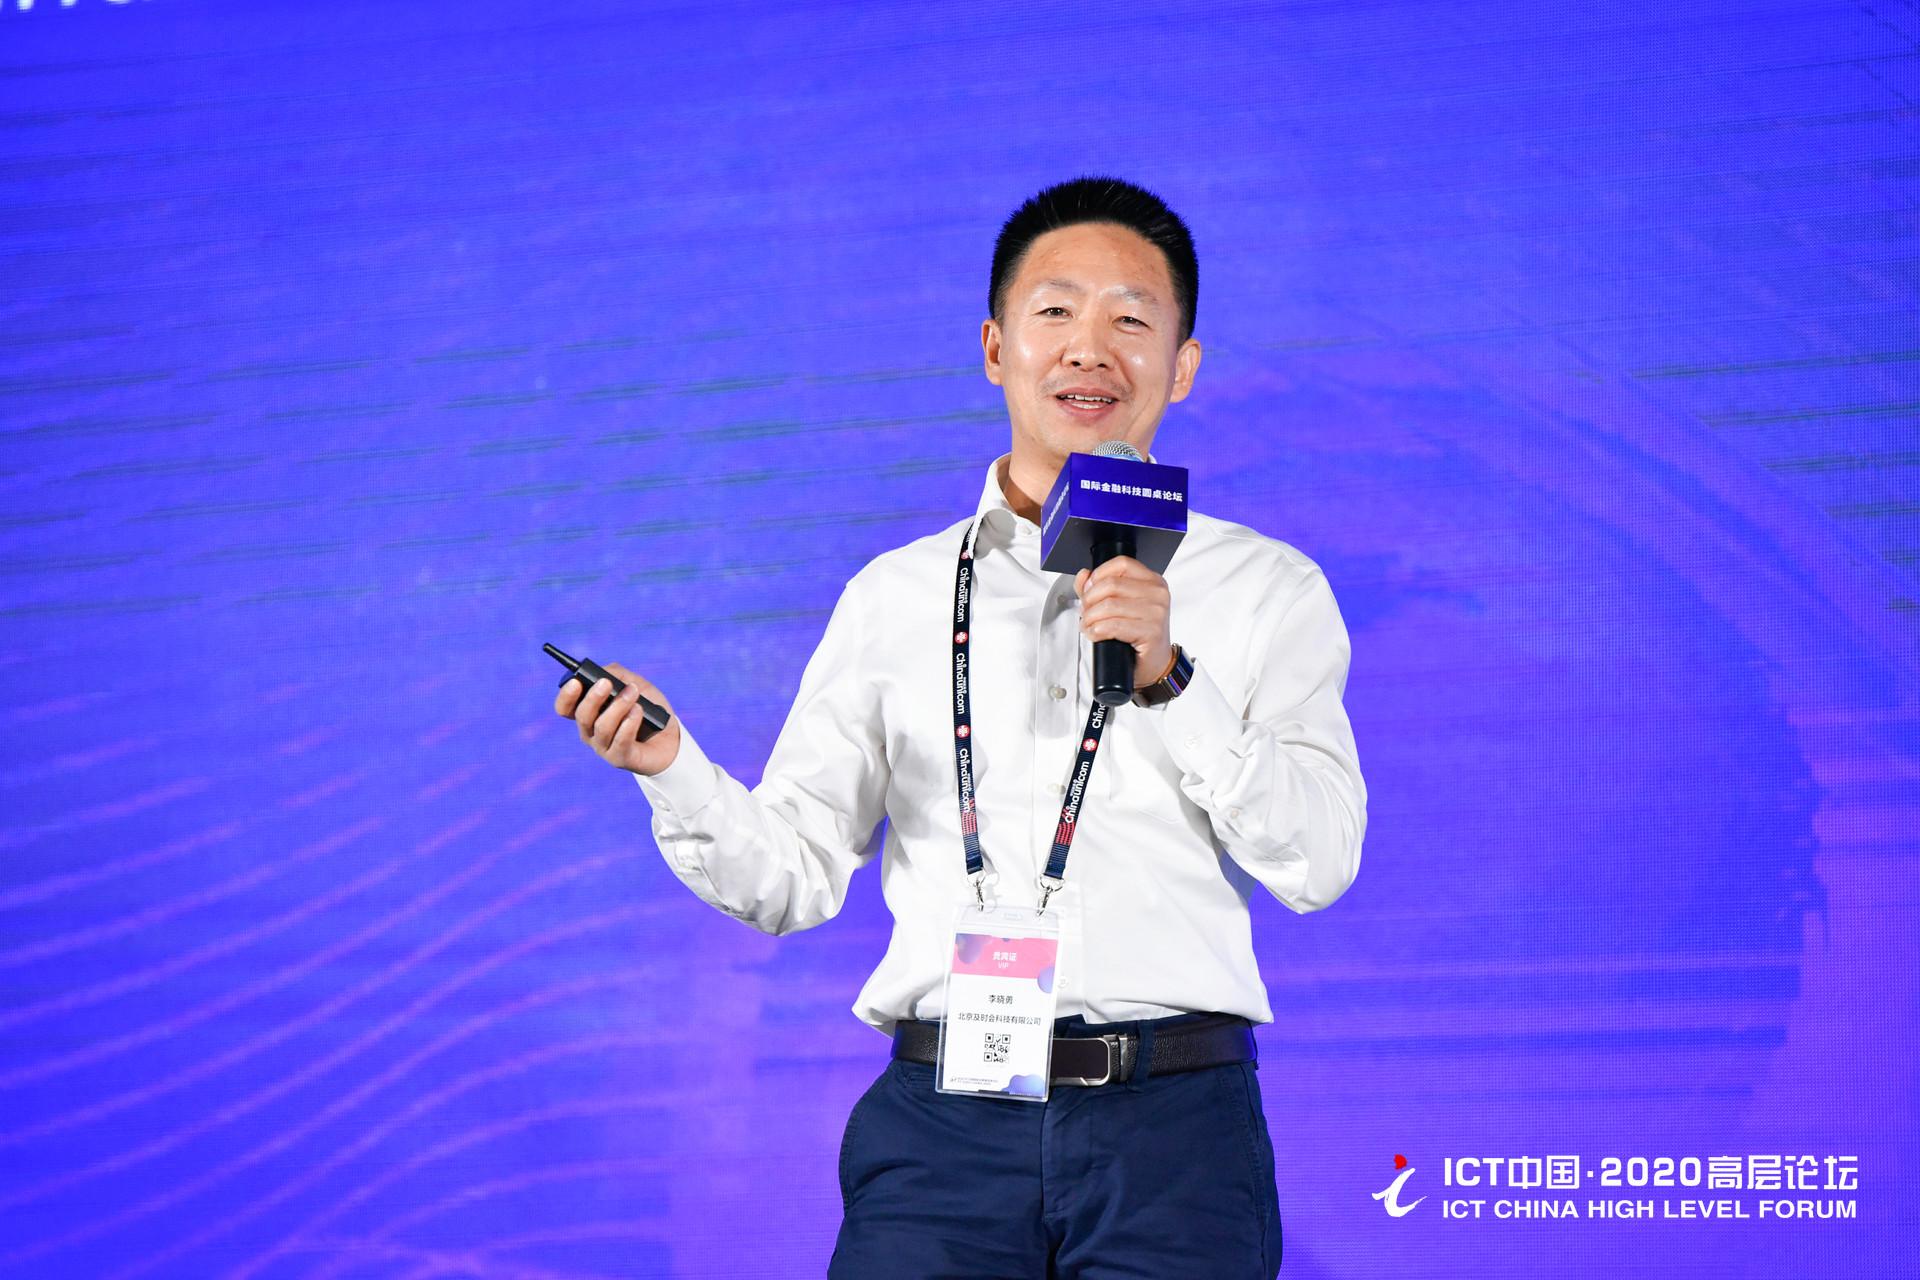 及时会科技总经理李晓勇:科技赋能金融—视频通信系统的智能化发展与服务保障